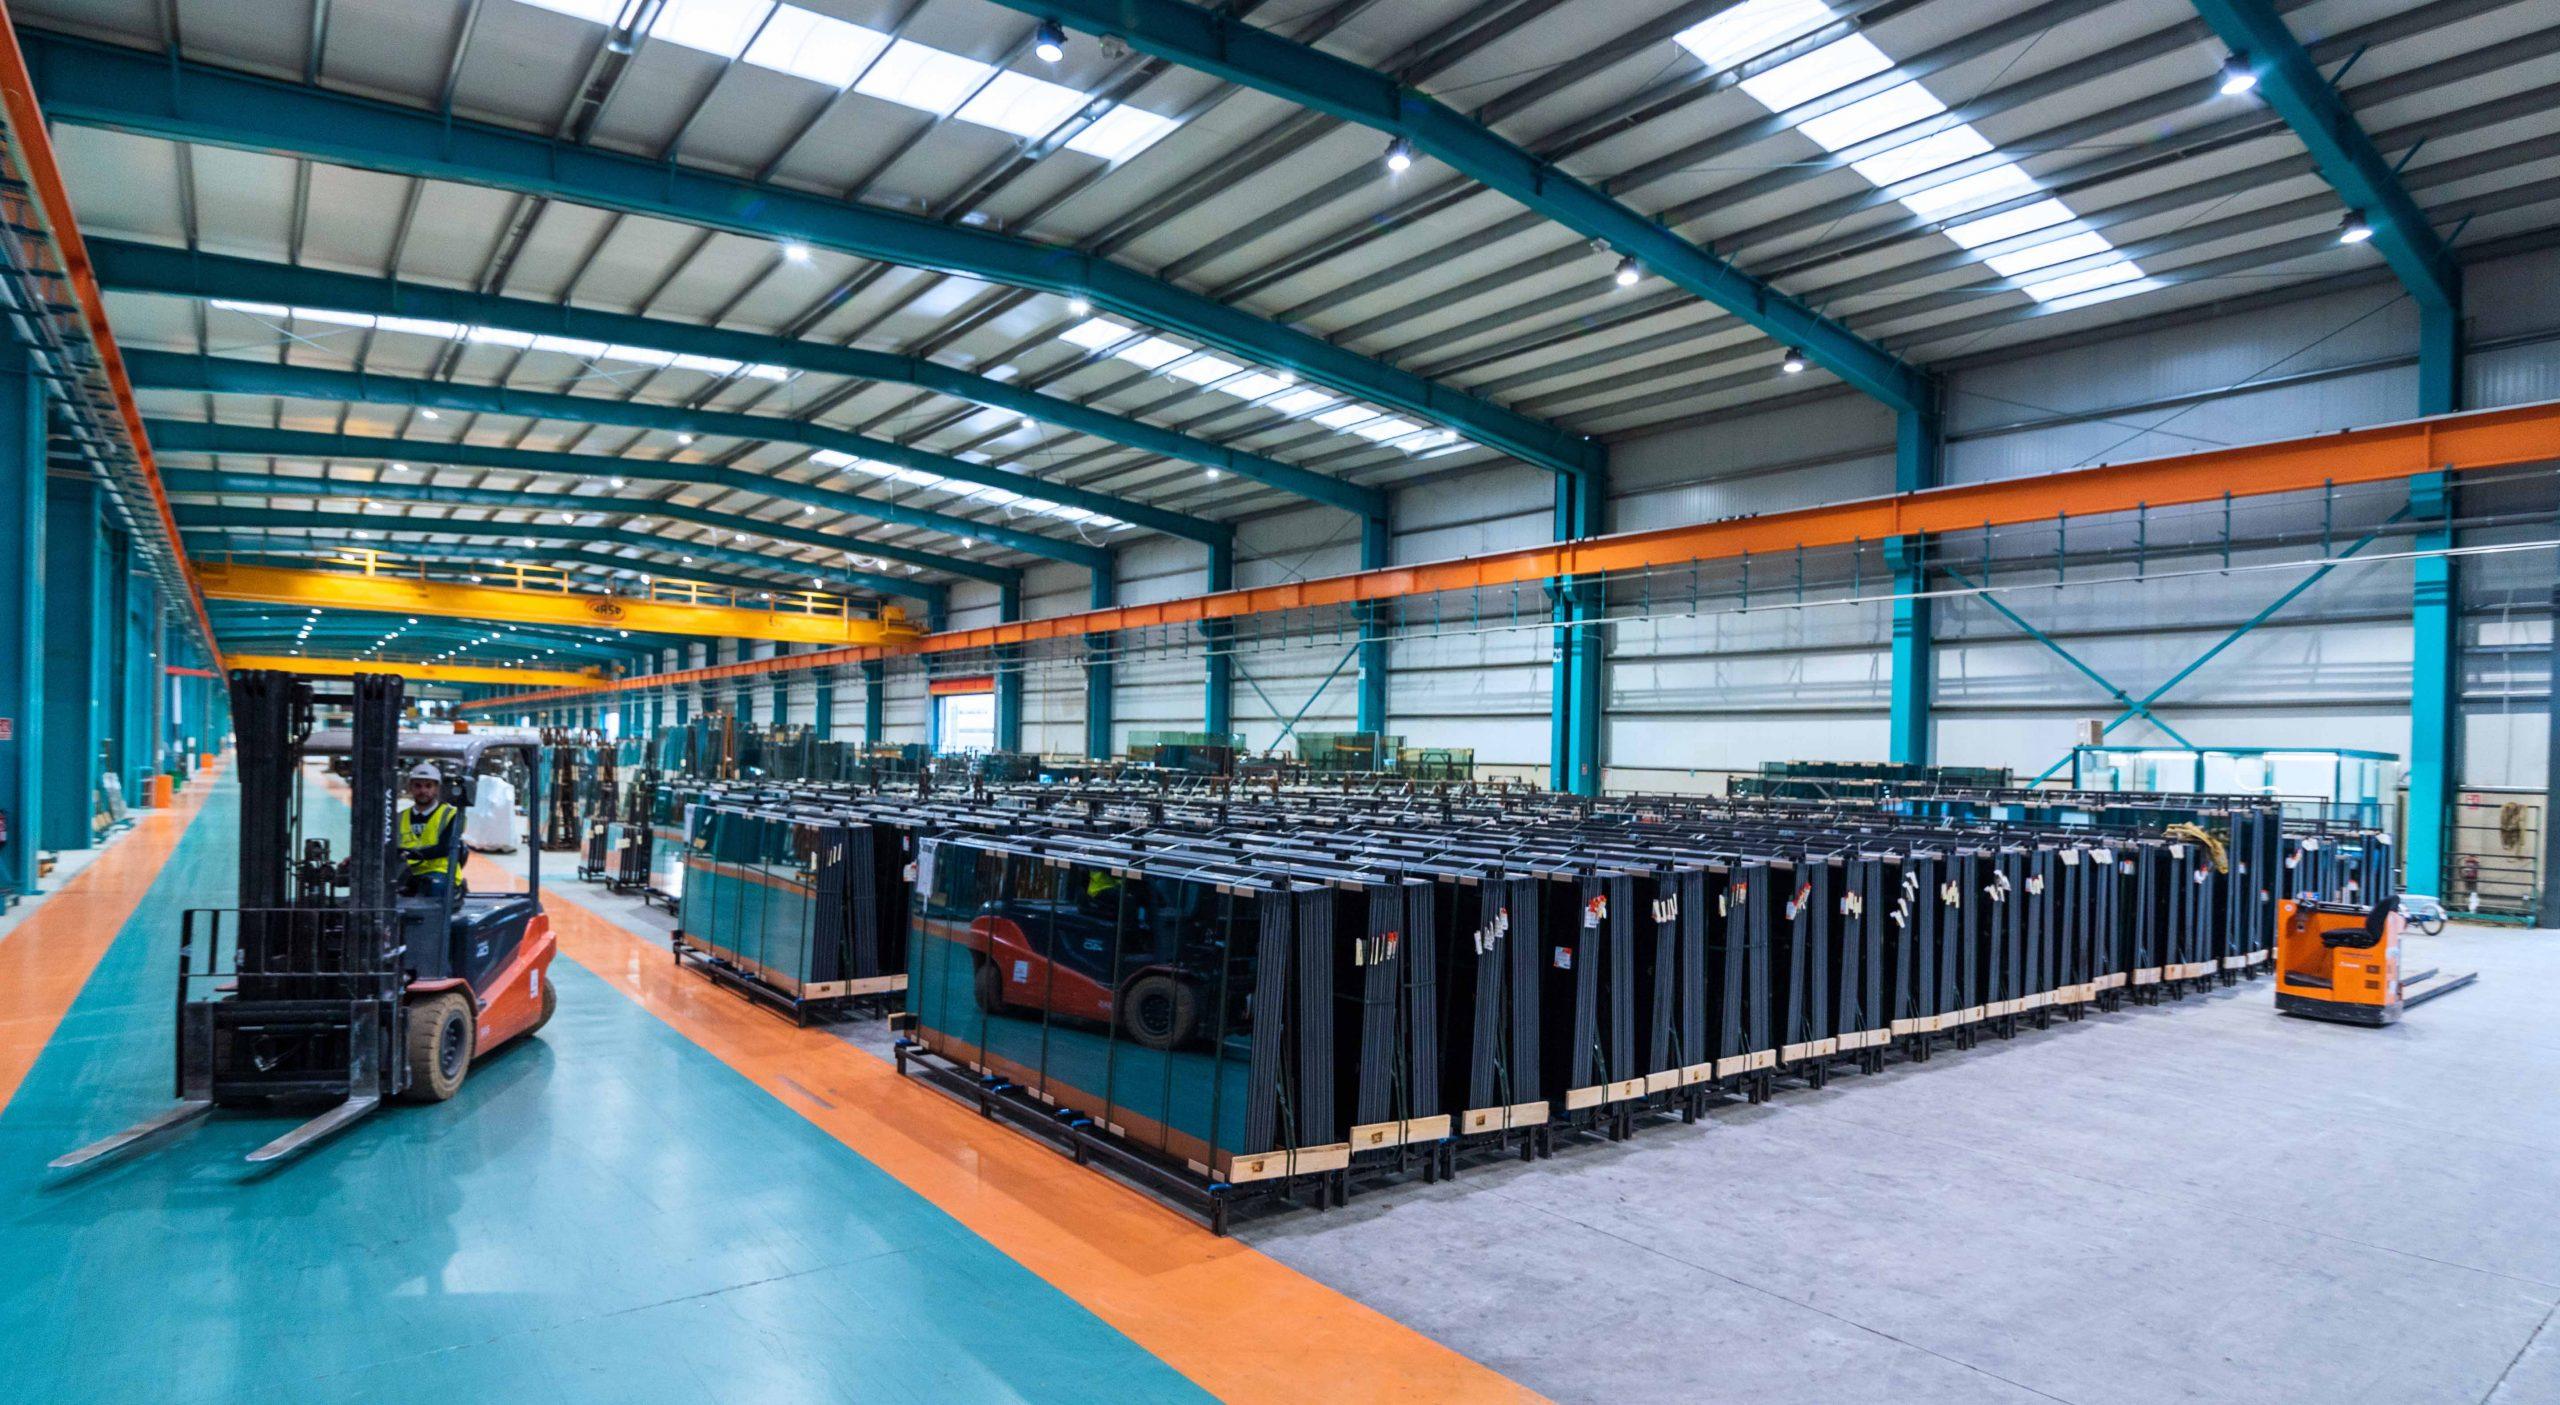 Tvitec proyecta abrir una fábrica de cerámica de vidrio en El Bayo 1